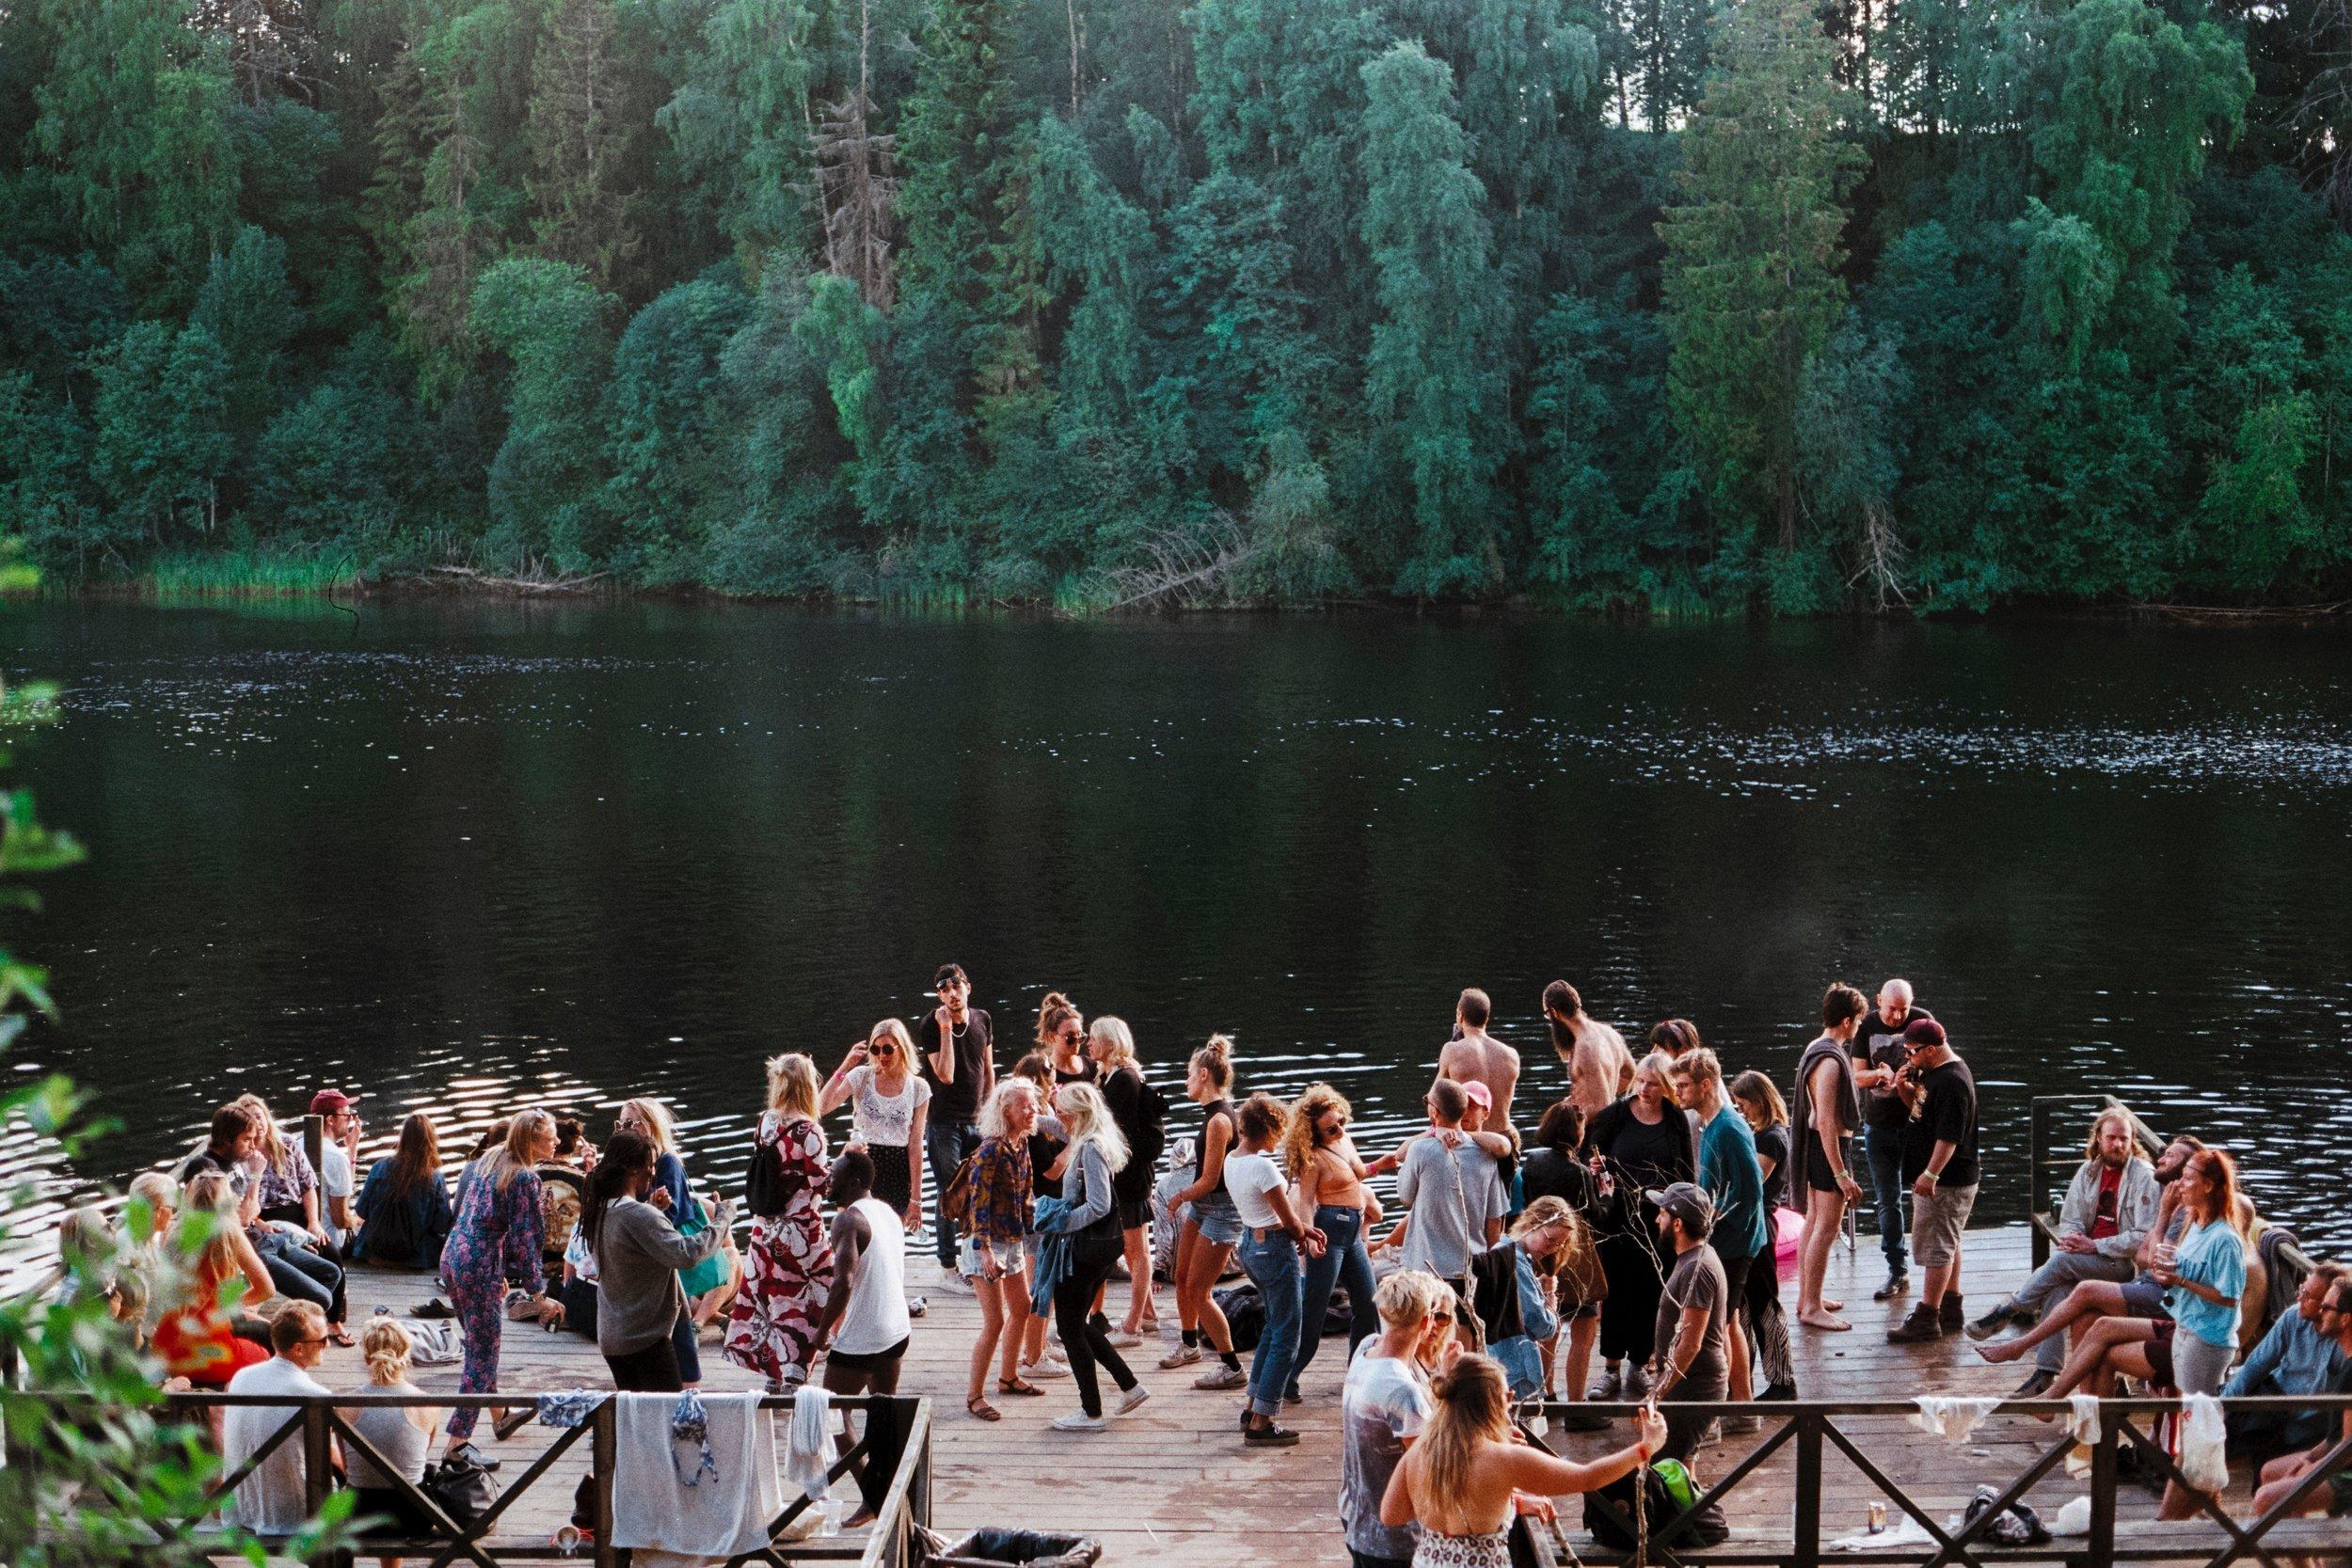 a party by a lake